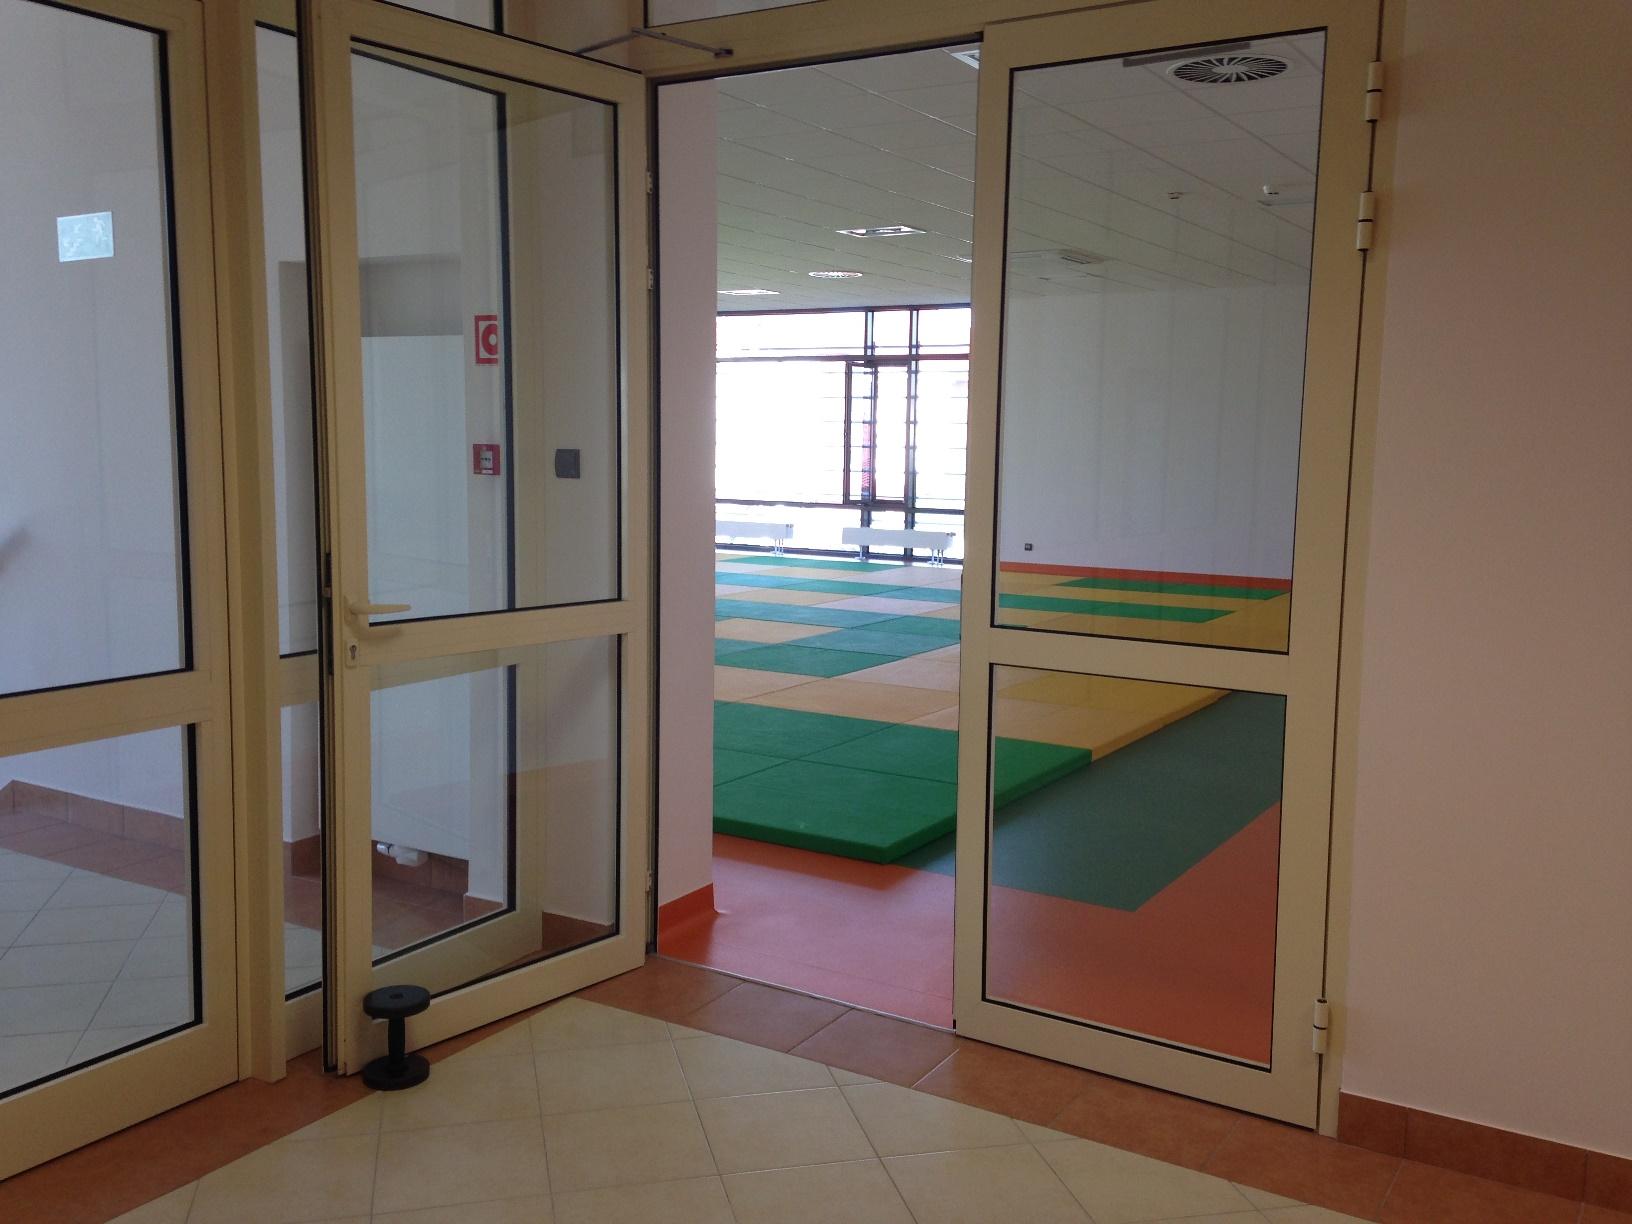 Drzwi wejściowe do sali do gimnastyki